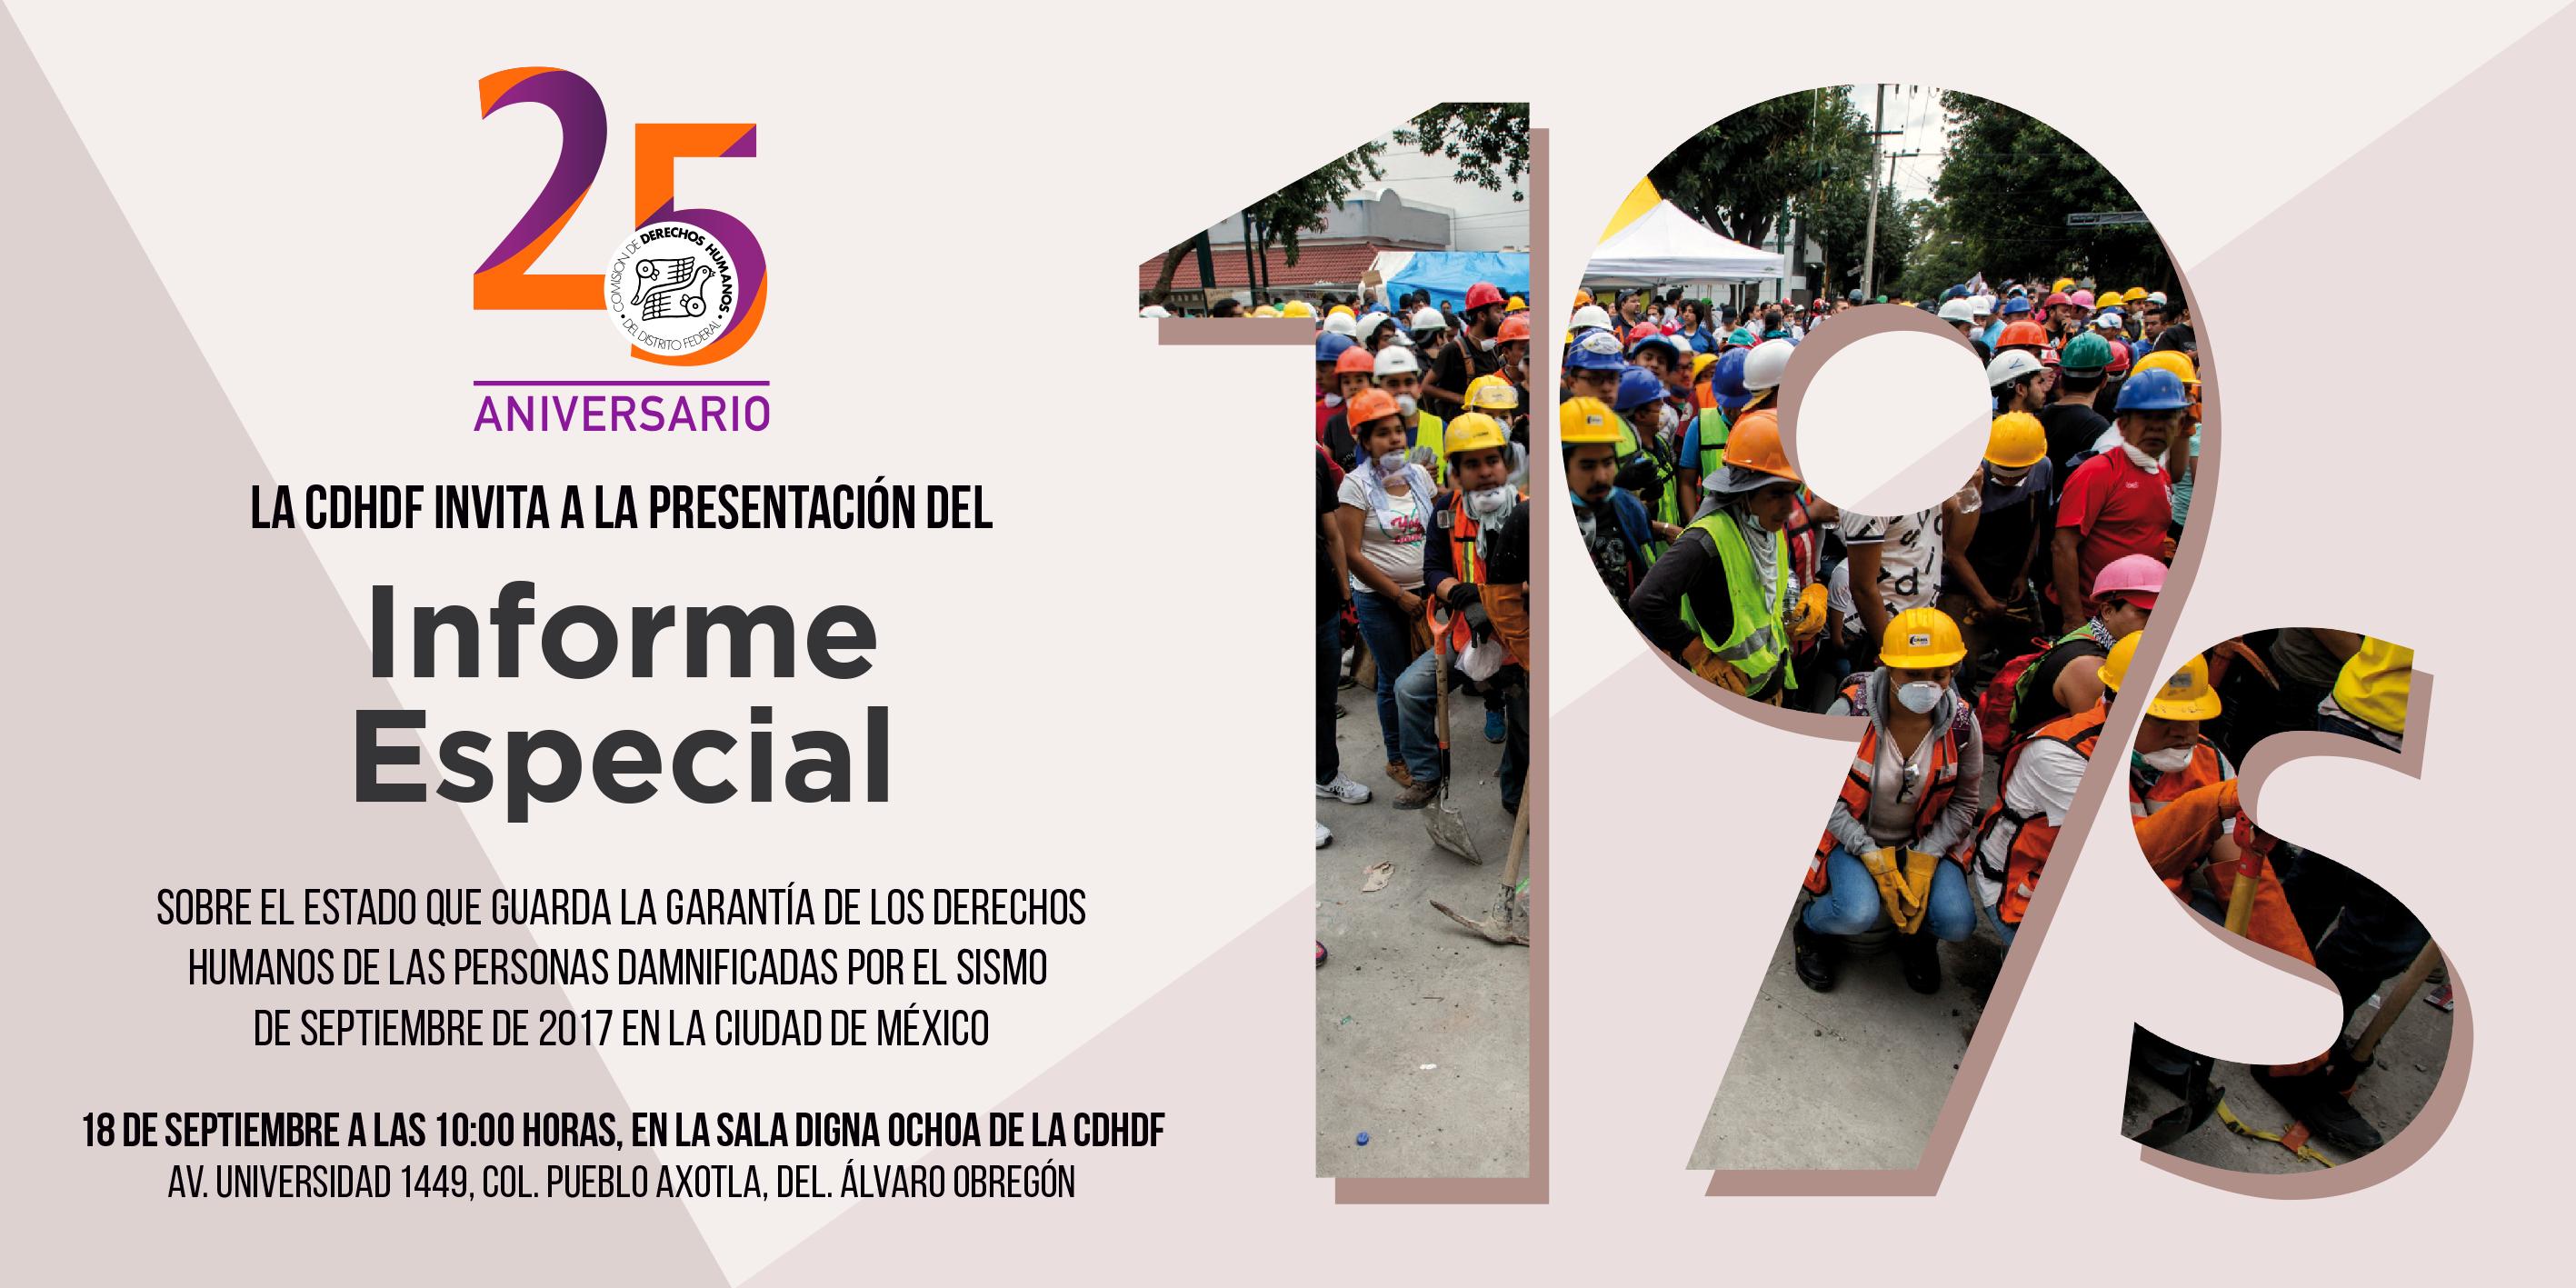 Informe Especial sobre el estado que guarda la garantía de los derechos humanos de las personas damnificadas por el sismo de septiembre de 2017 en la Ciudad de México @ CDHDF